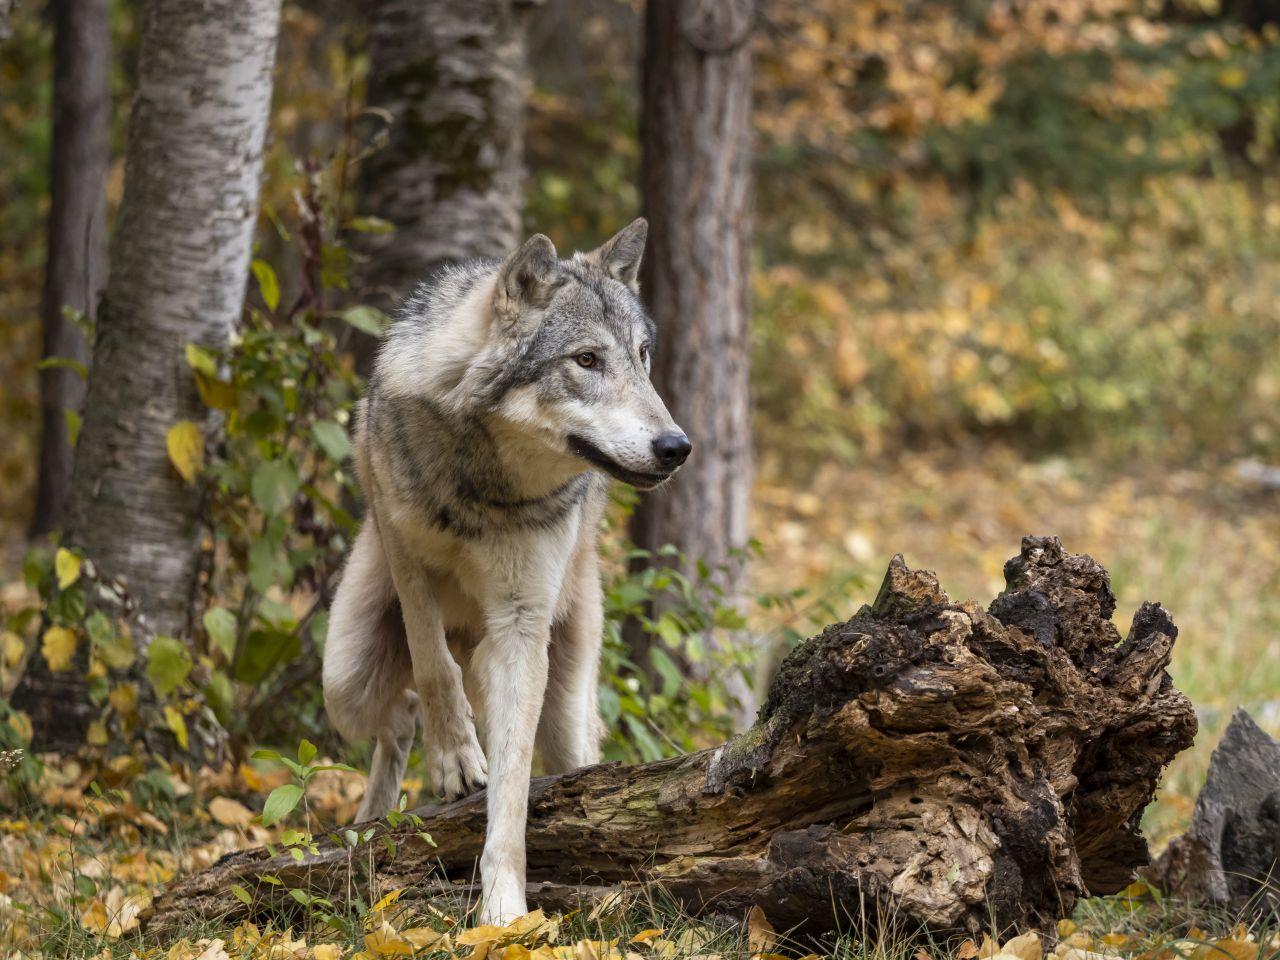 Wölfe in Deutschland: Wo leben sie?